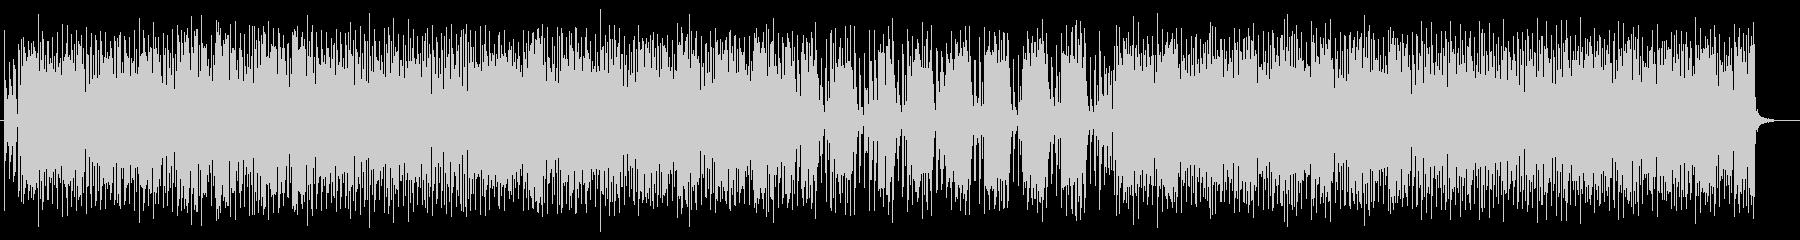 ユニークで愉快なポップミュージックの未再生の波形